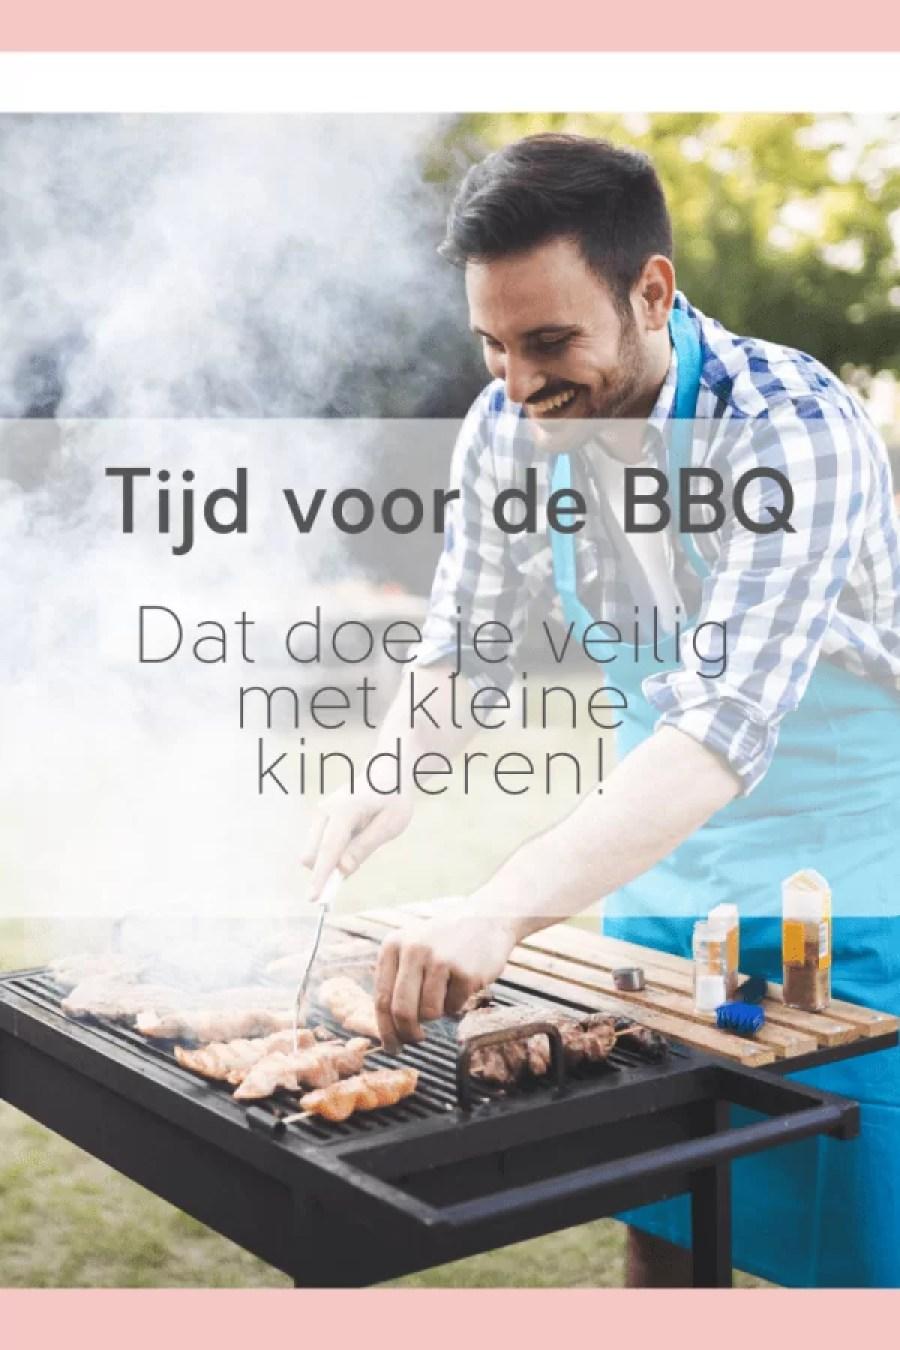 56C3885F 45AC 4573 8693 B68445BFF8ED - Veilig de BBQ aan met kleine kinderen!